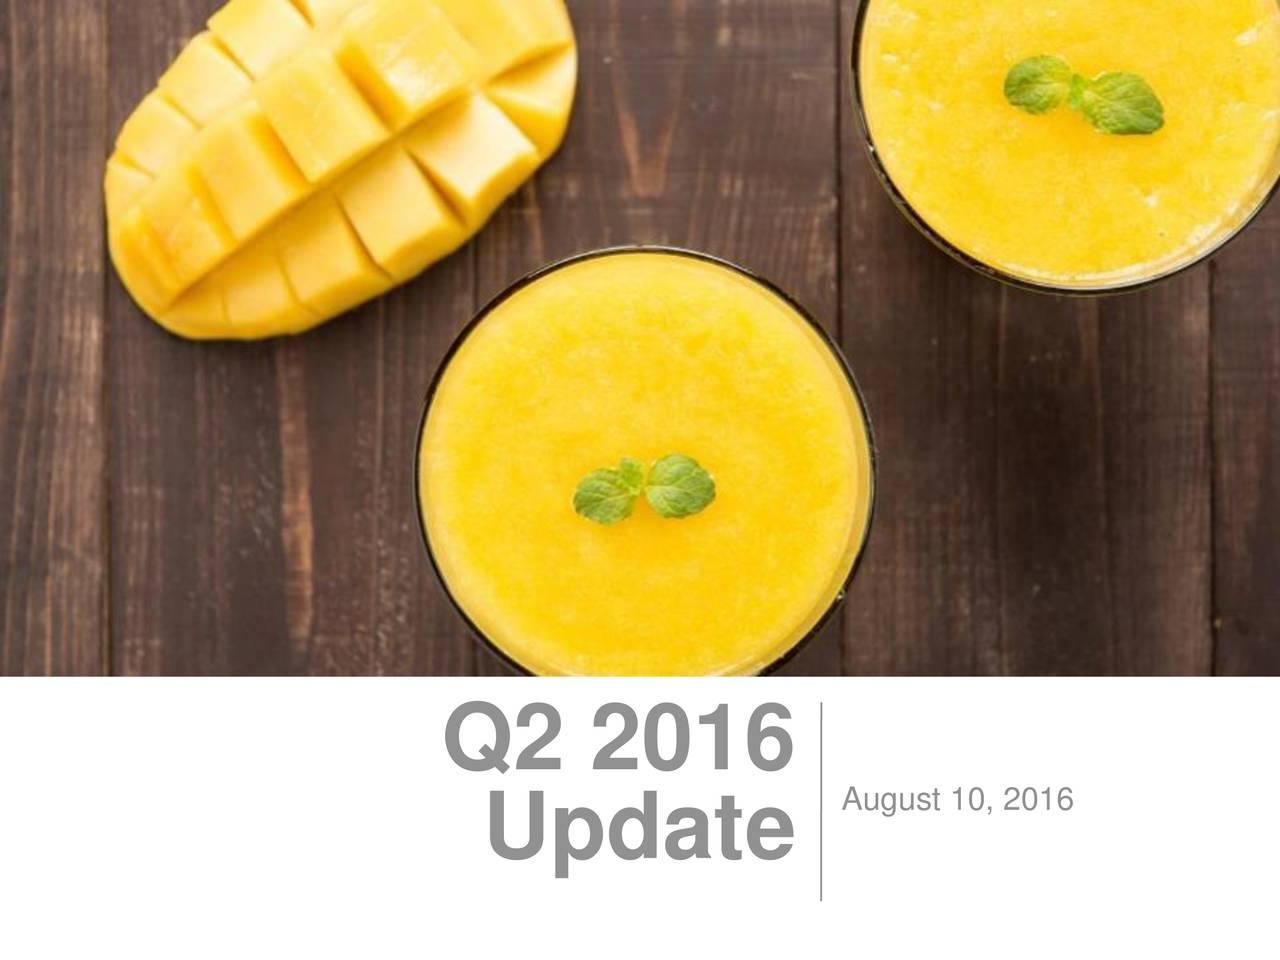 August 10, 2016 Update